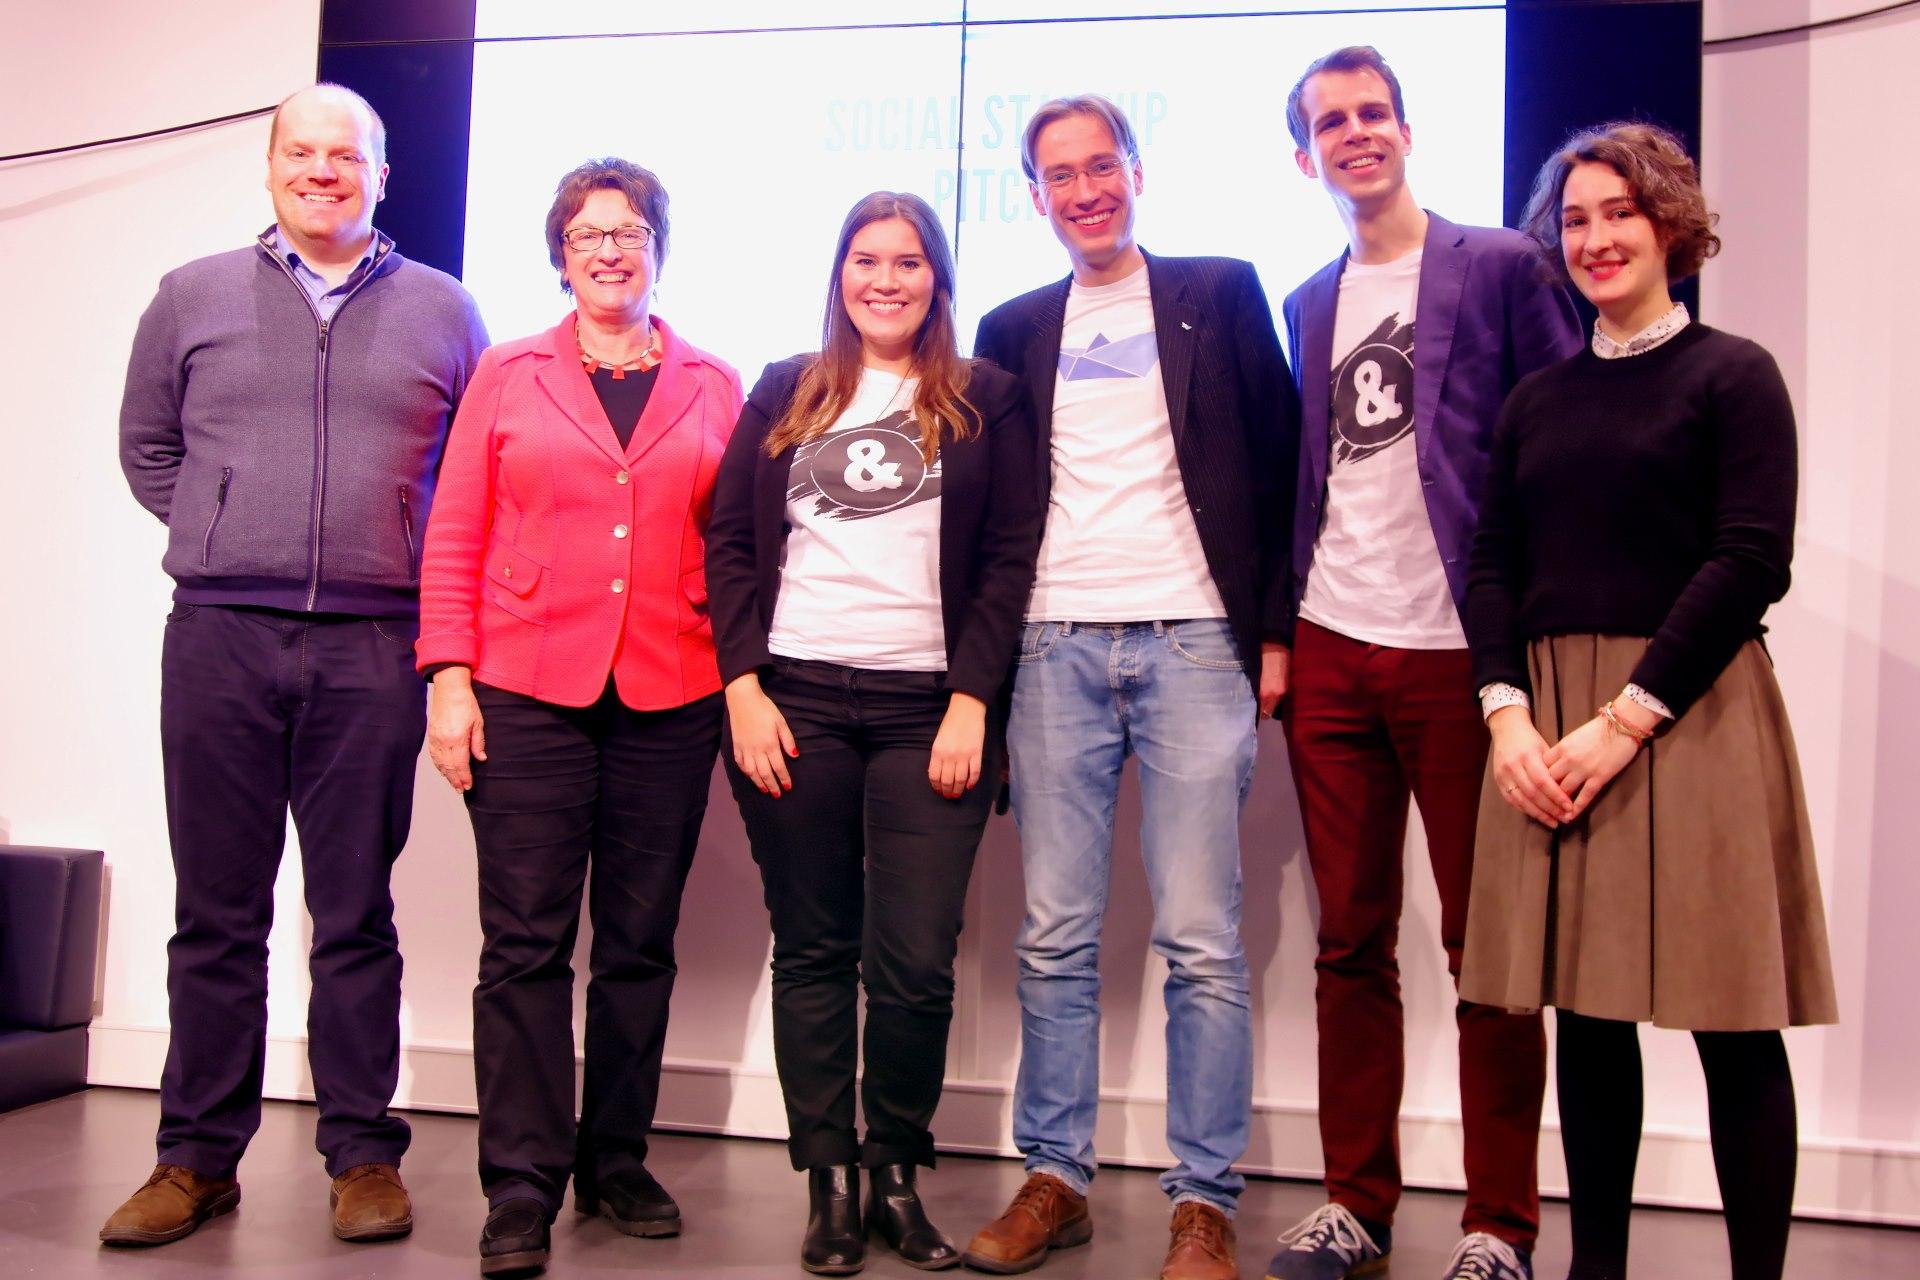 Sieger beim Social Startup Pitch - von links: Sascha Schubert (Bundesverband der deutschen Startups), Brigitte Zypries, Nora Sofia Said (Schülerpaten), Nils Dreyer (Hilfswerft), Colin von Negenborn (Schülerpaten), Katharina Dermühl (Migration Hub)